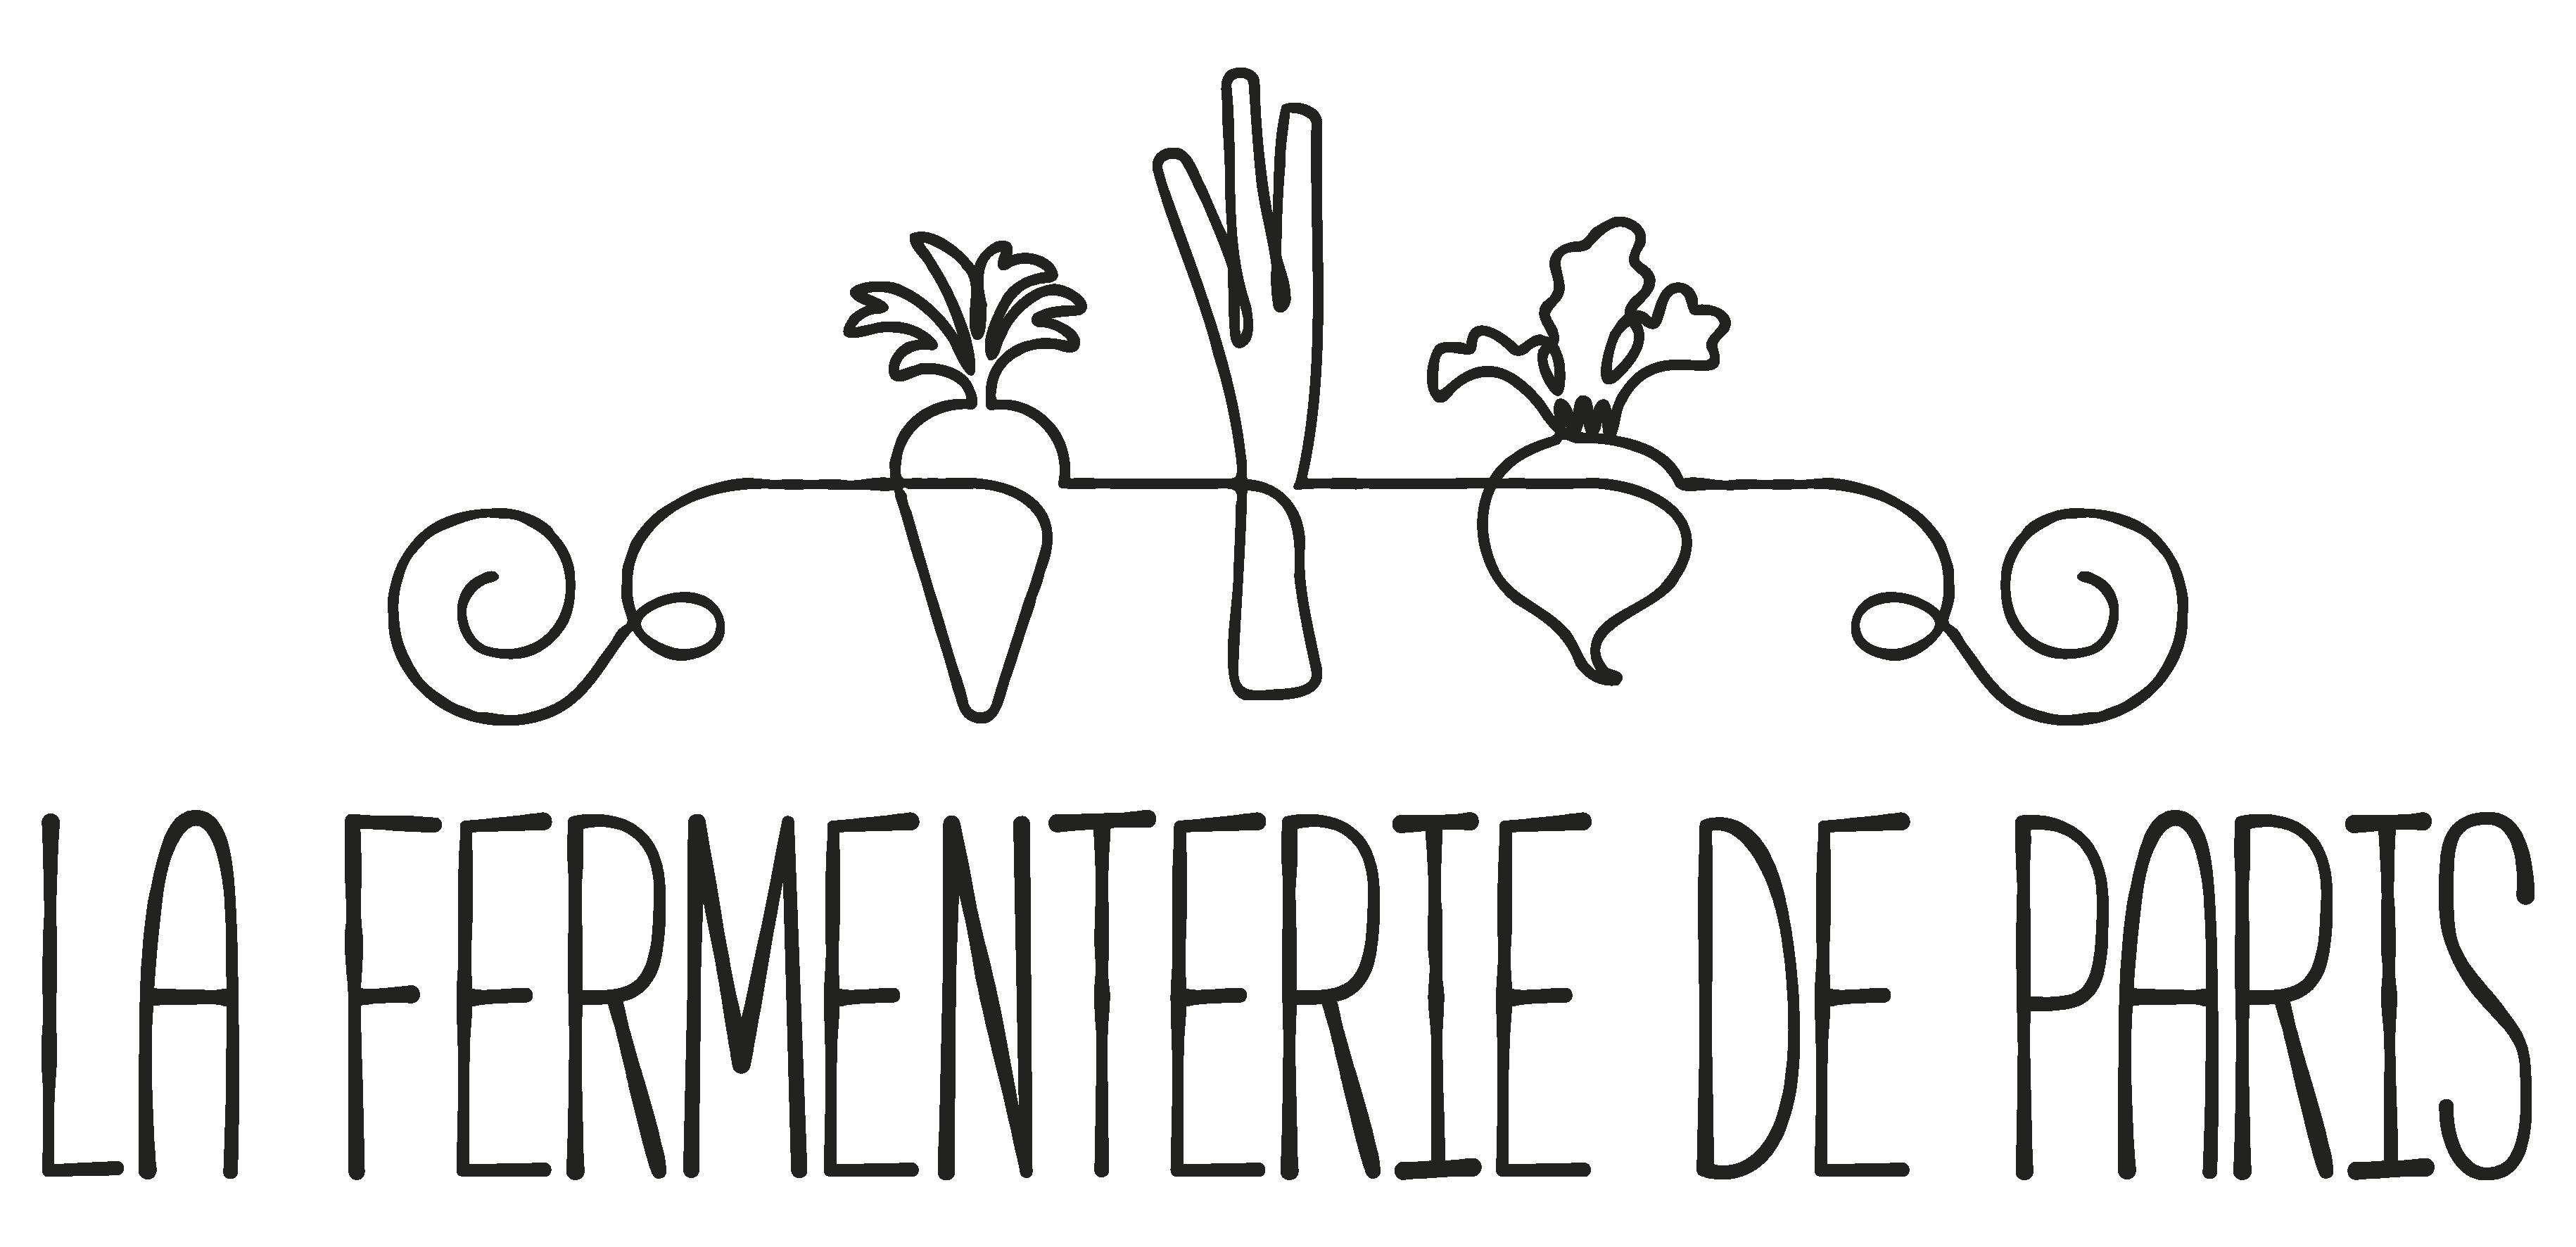 La fermenterie de Paris